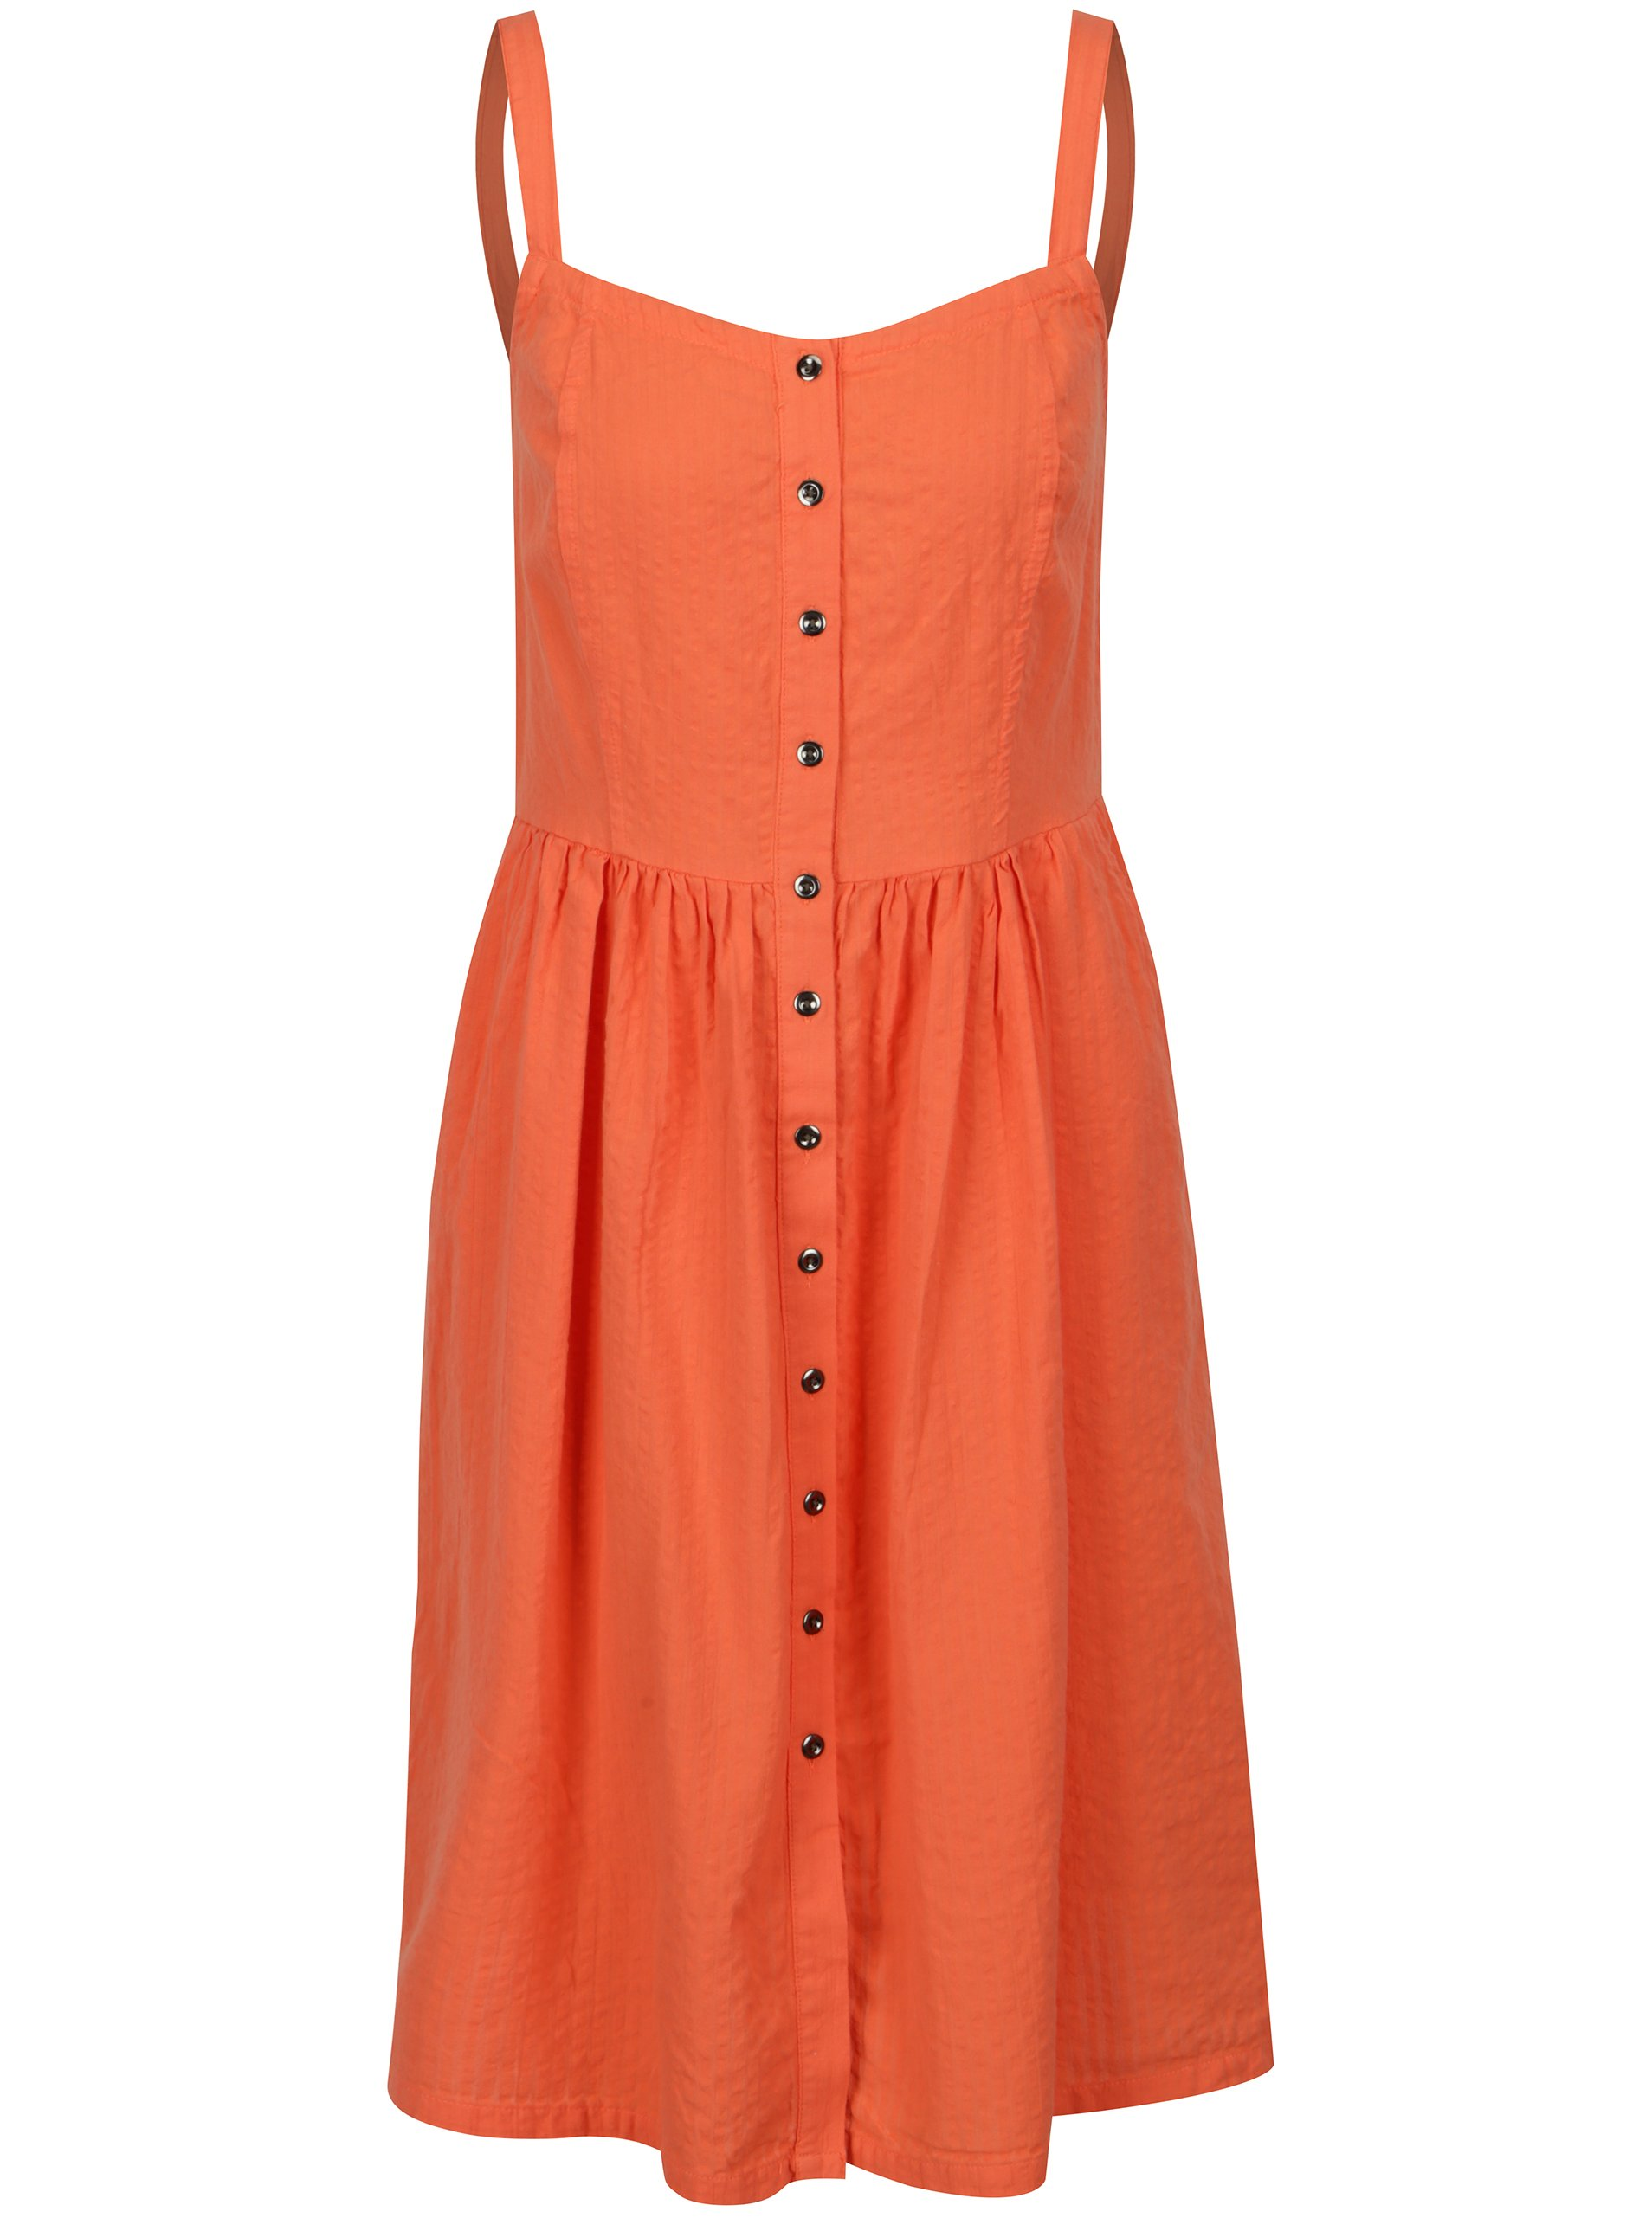 Oranžové šaty s knoflíky na ramínka Blendshe Sersa